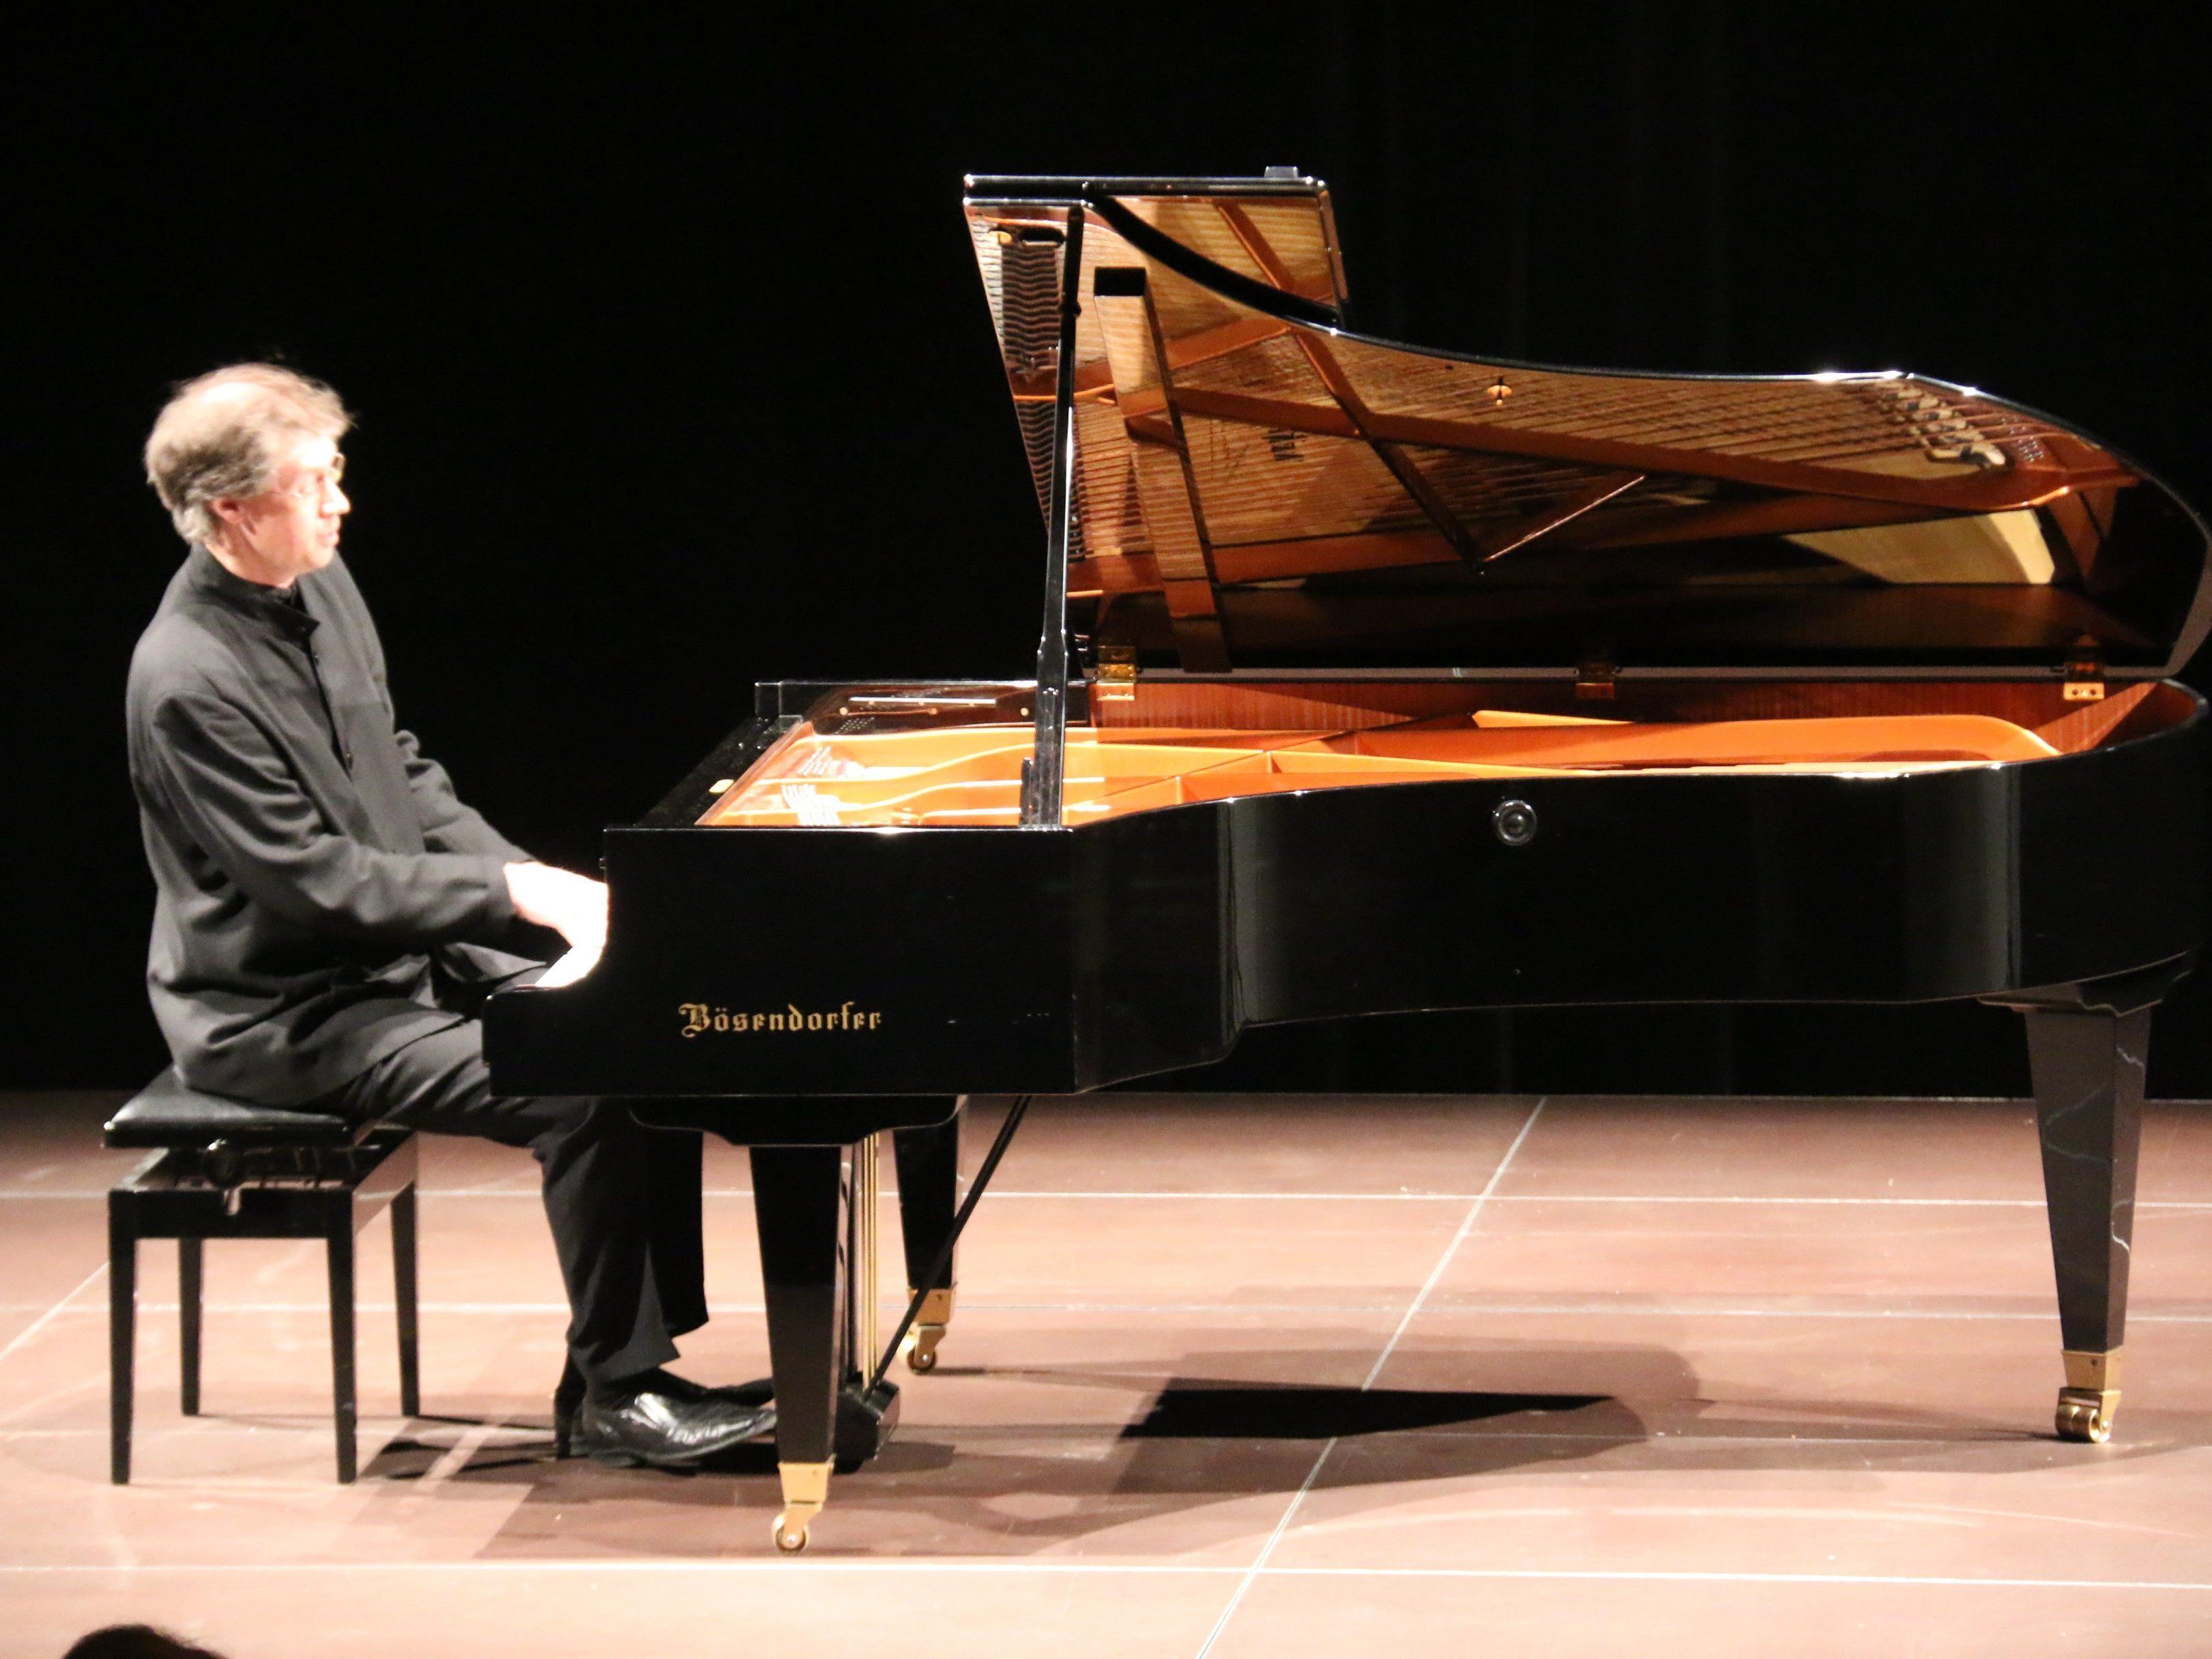 Der englische Weltklassepianist Ian Fountain spielte auf Einladung der Chopin-Gesellschaft im Pförtnerhaus.